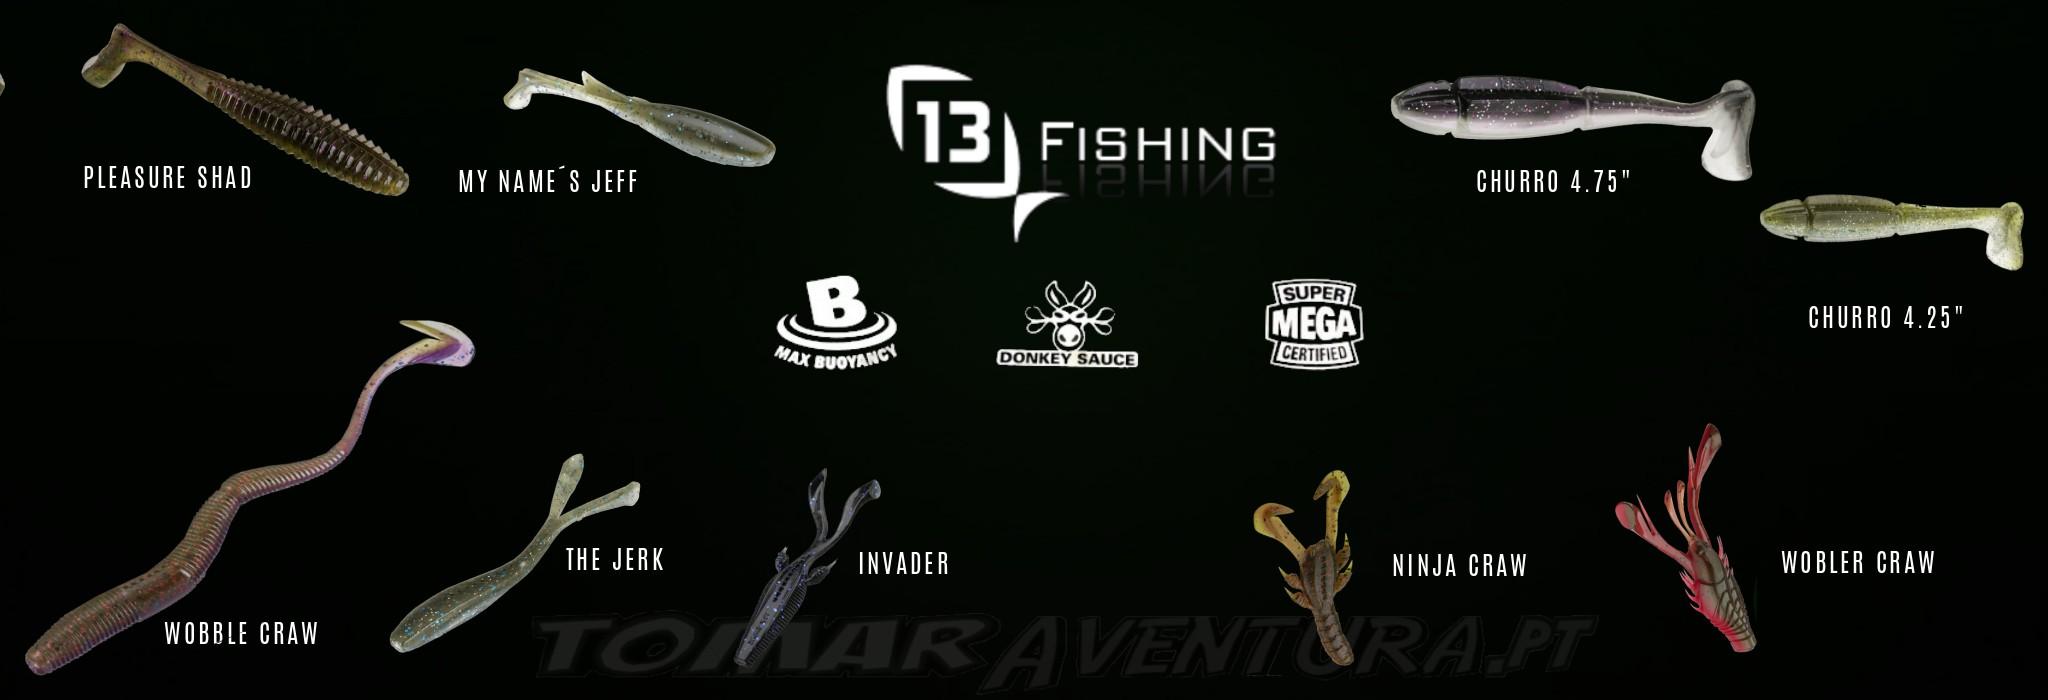 13 FISHING SOFT BAITS